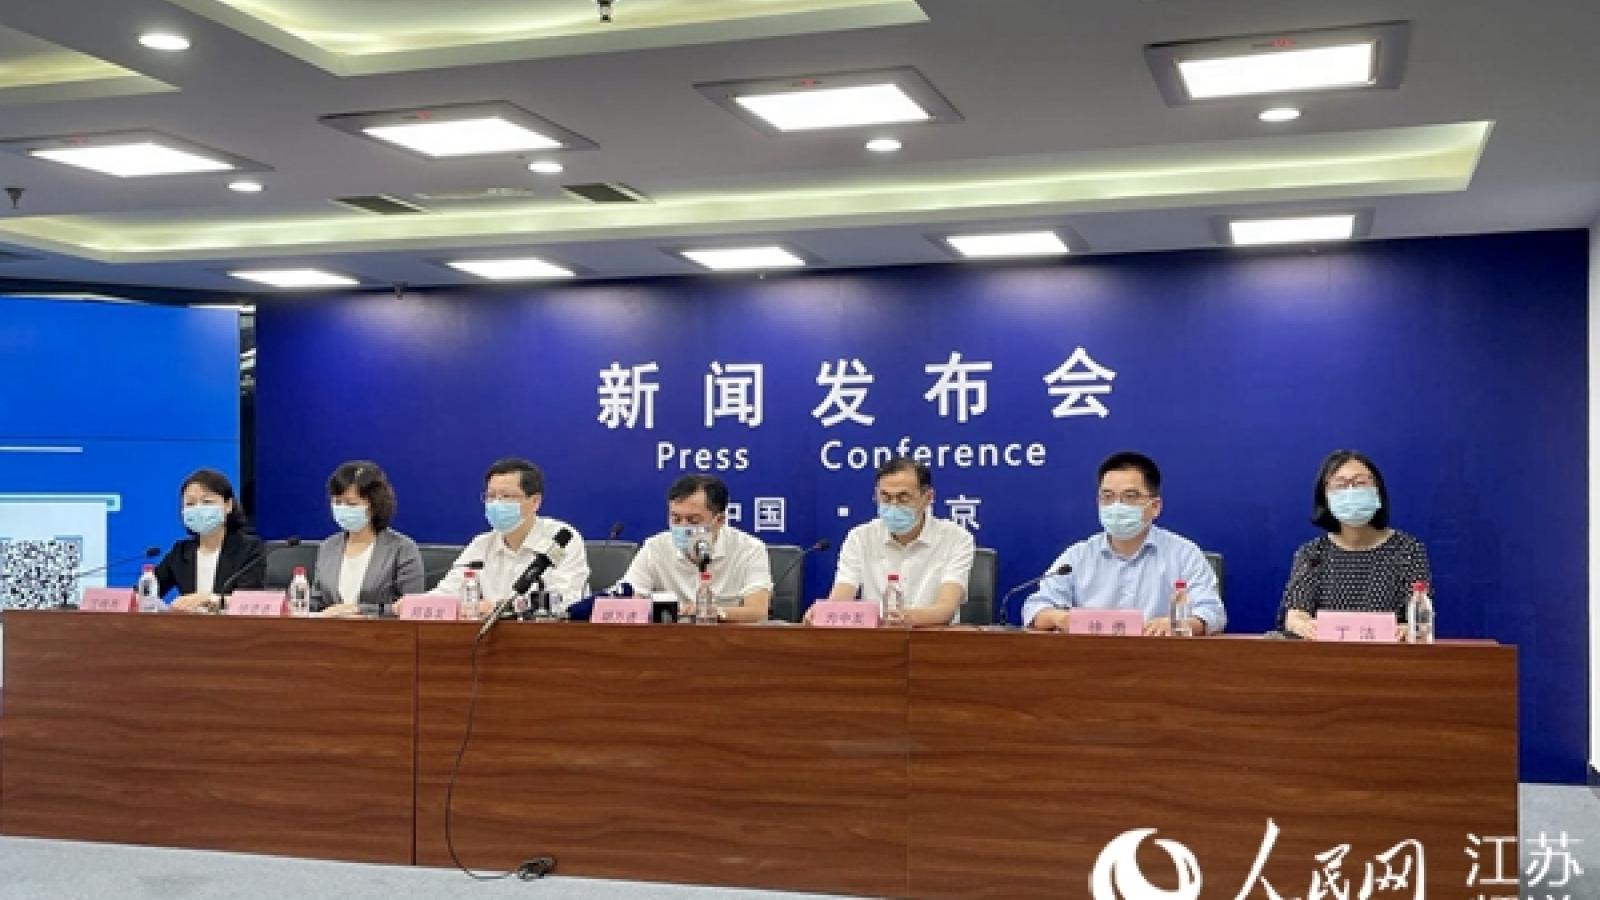 Phát hiện ổ dịch Covid-19 mới tại sân bay, Trung Quốc hủy gần 660 chuyến bay